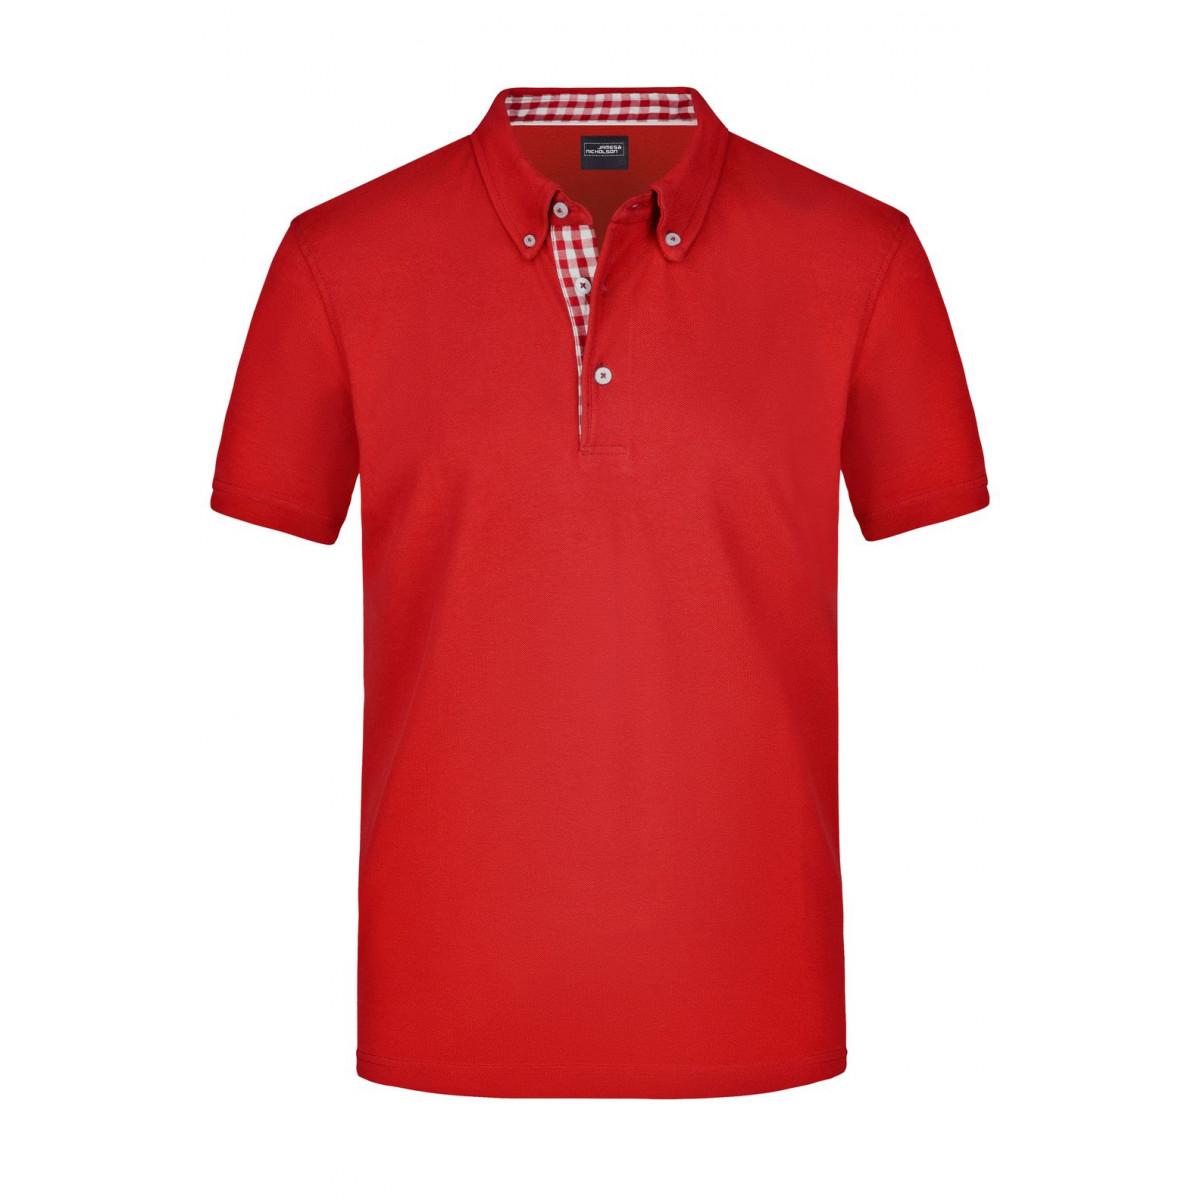 Рубашка поло мужская JN964 Mens Plain Polo - Красный/Красный-Белый